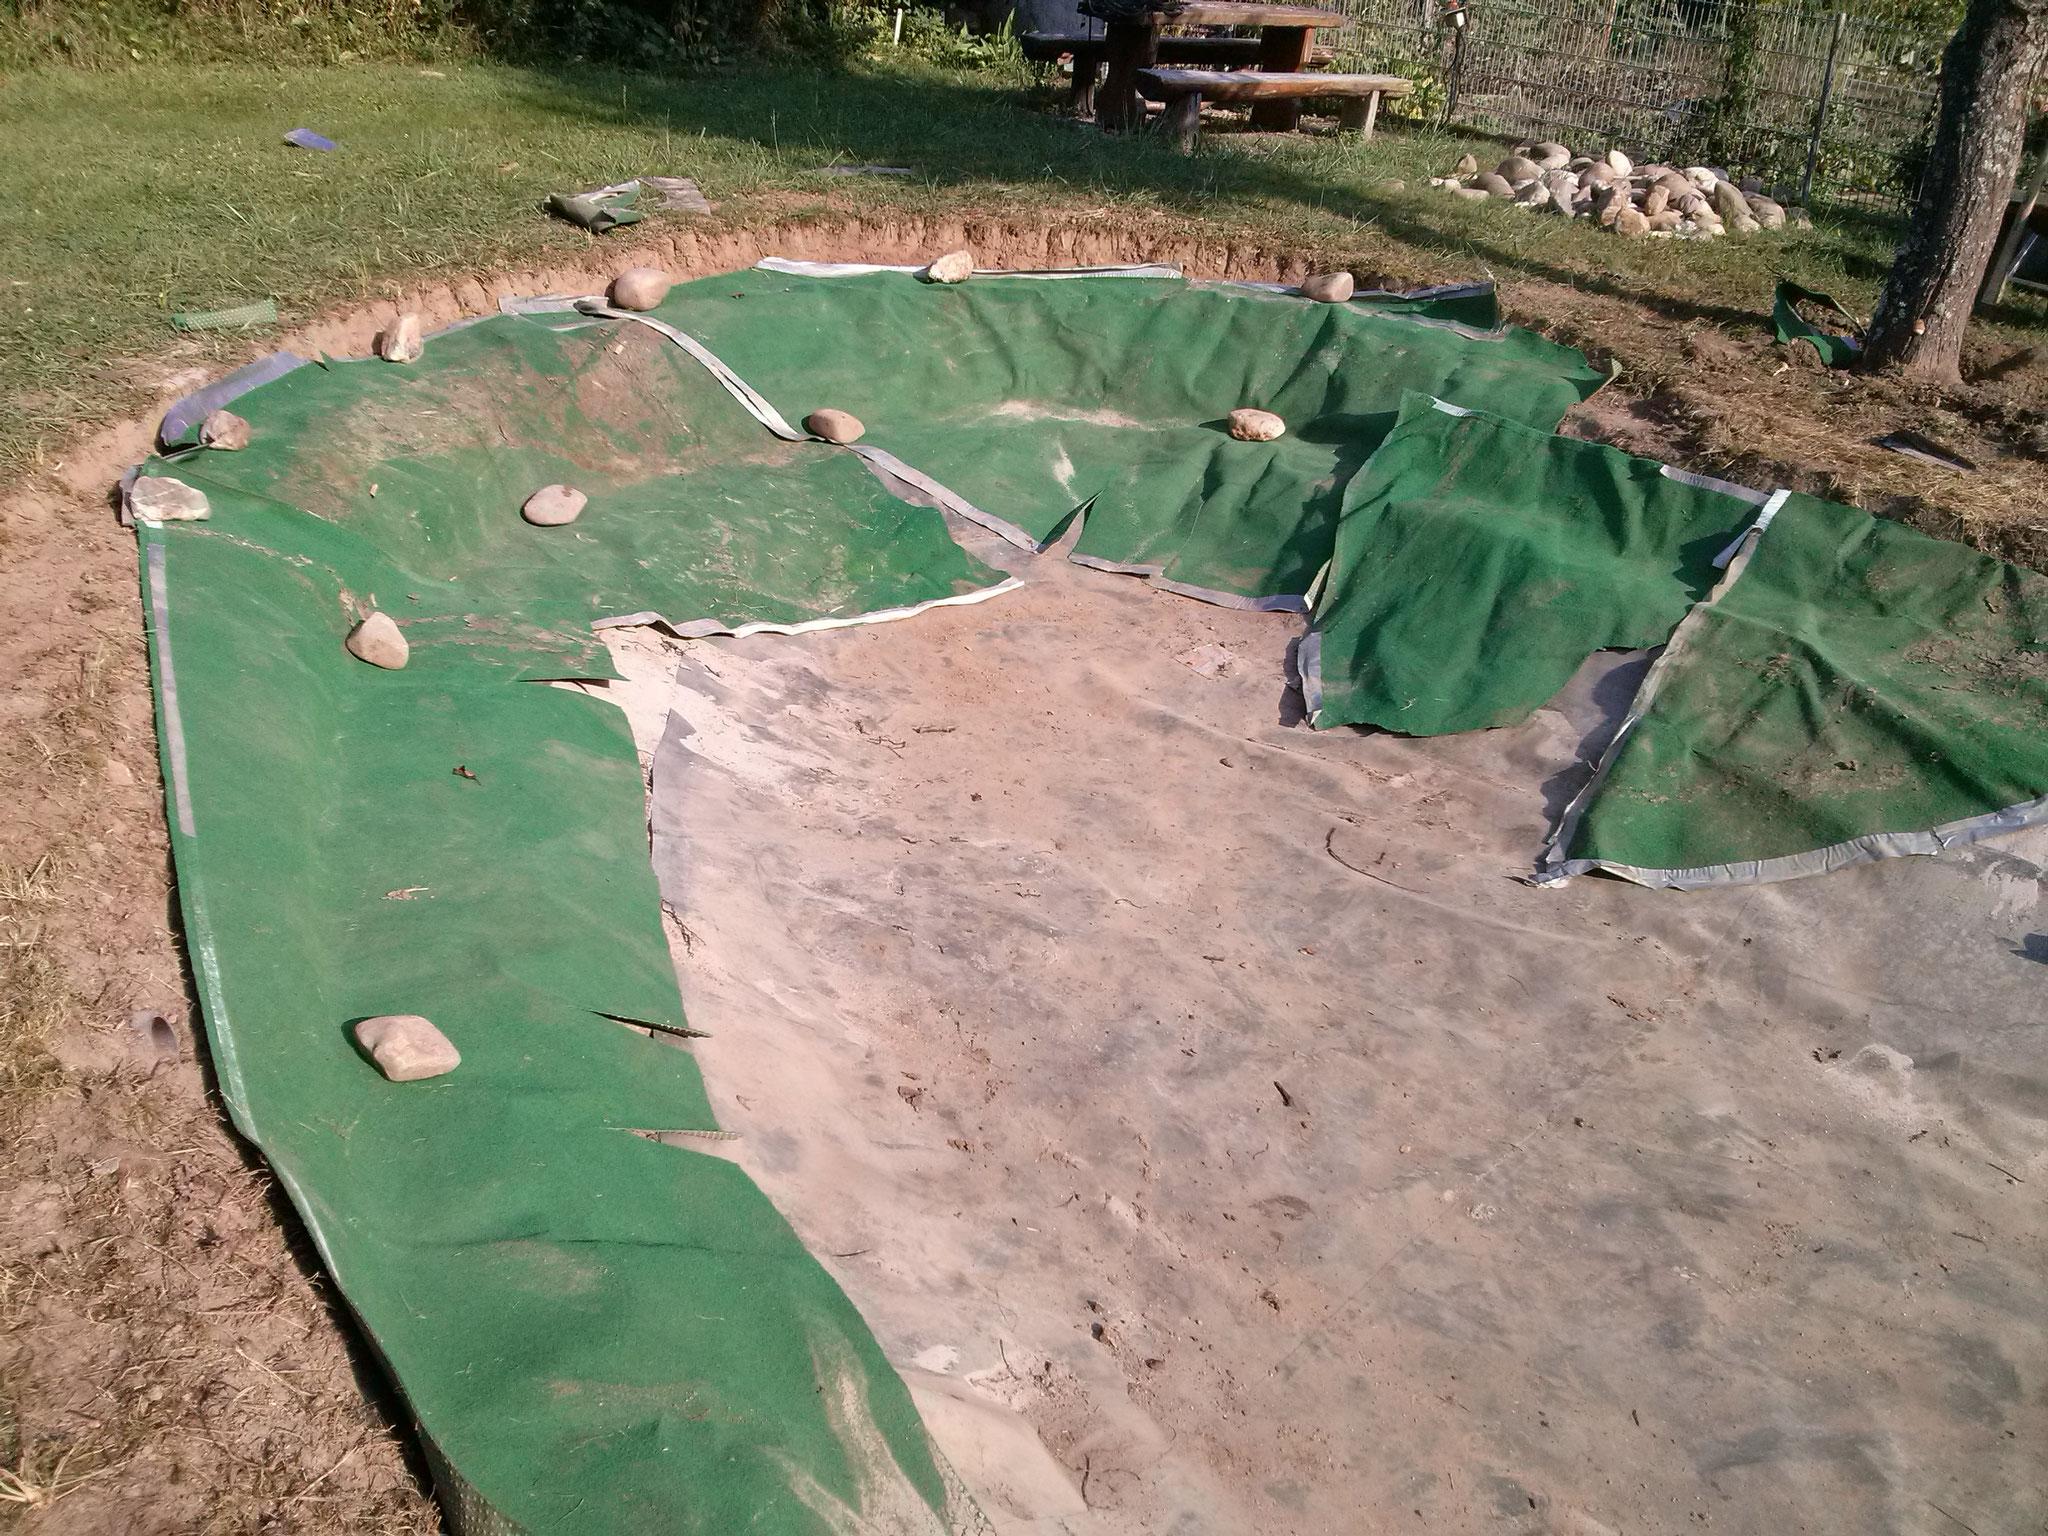 Zuerst kommt grüner teppich über die neue Kante, der sorgt für Stabilität.